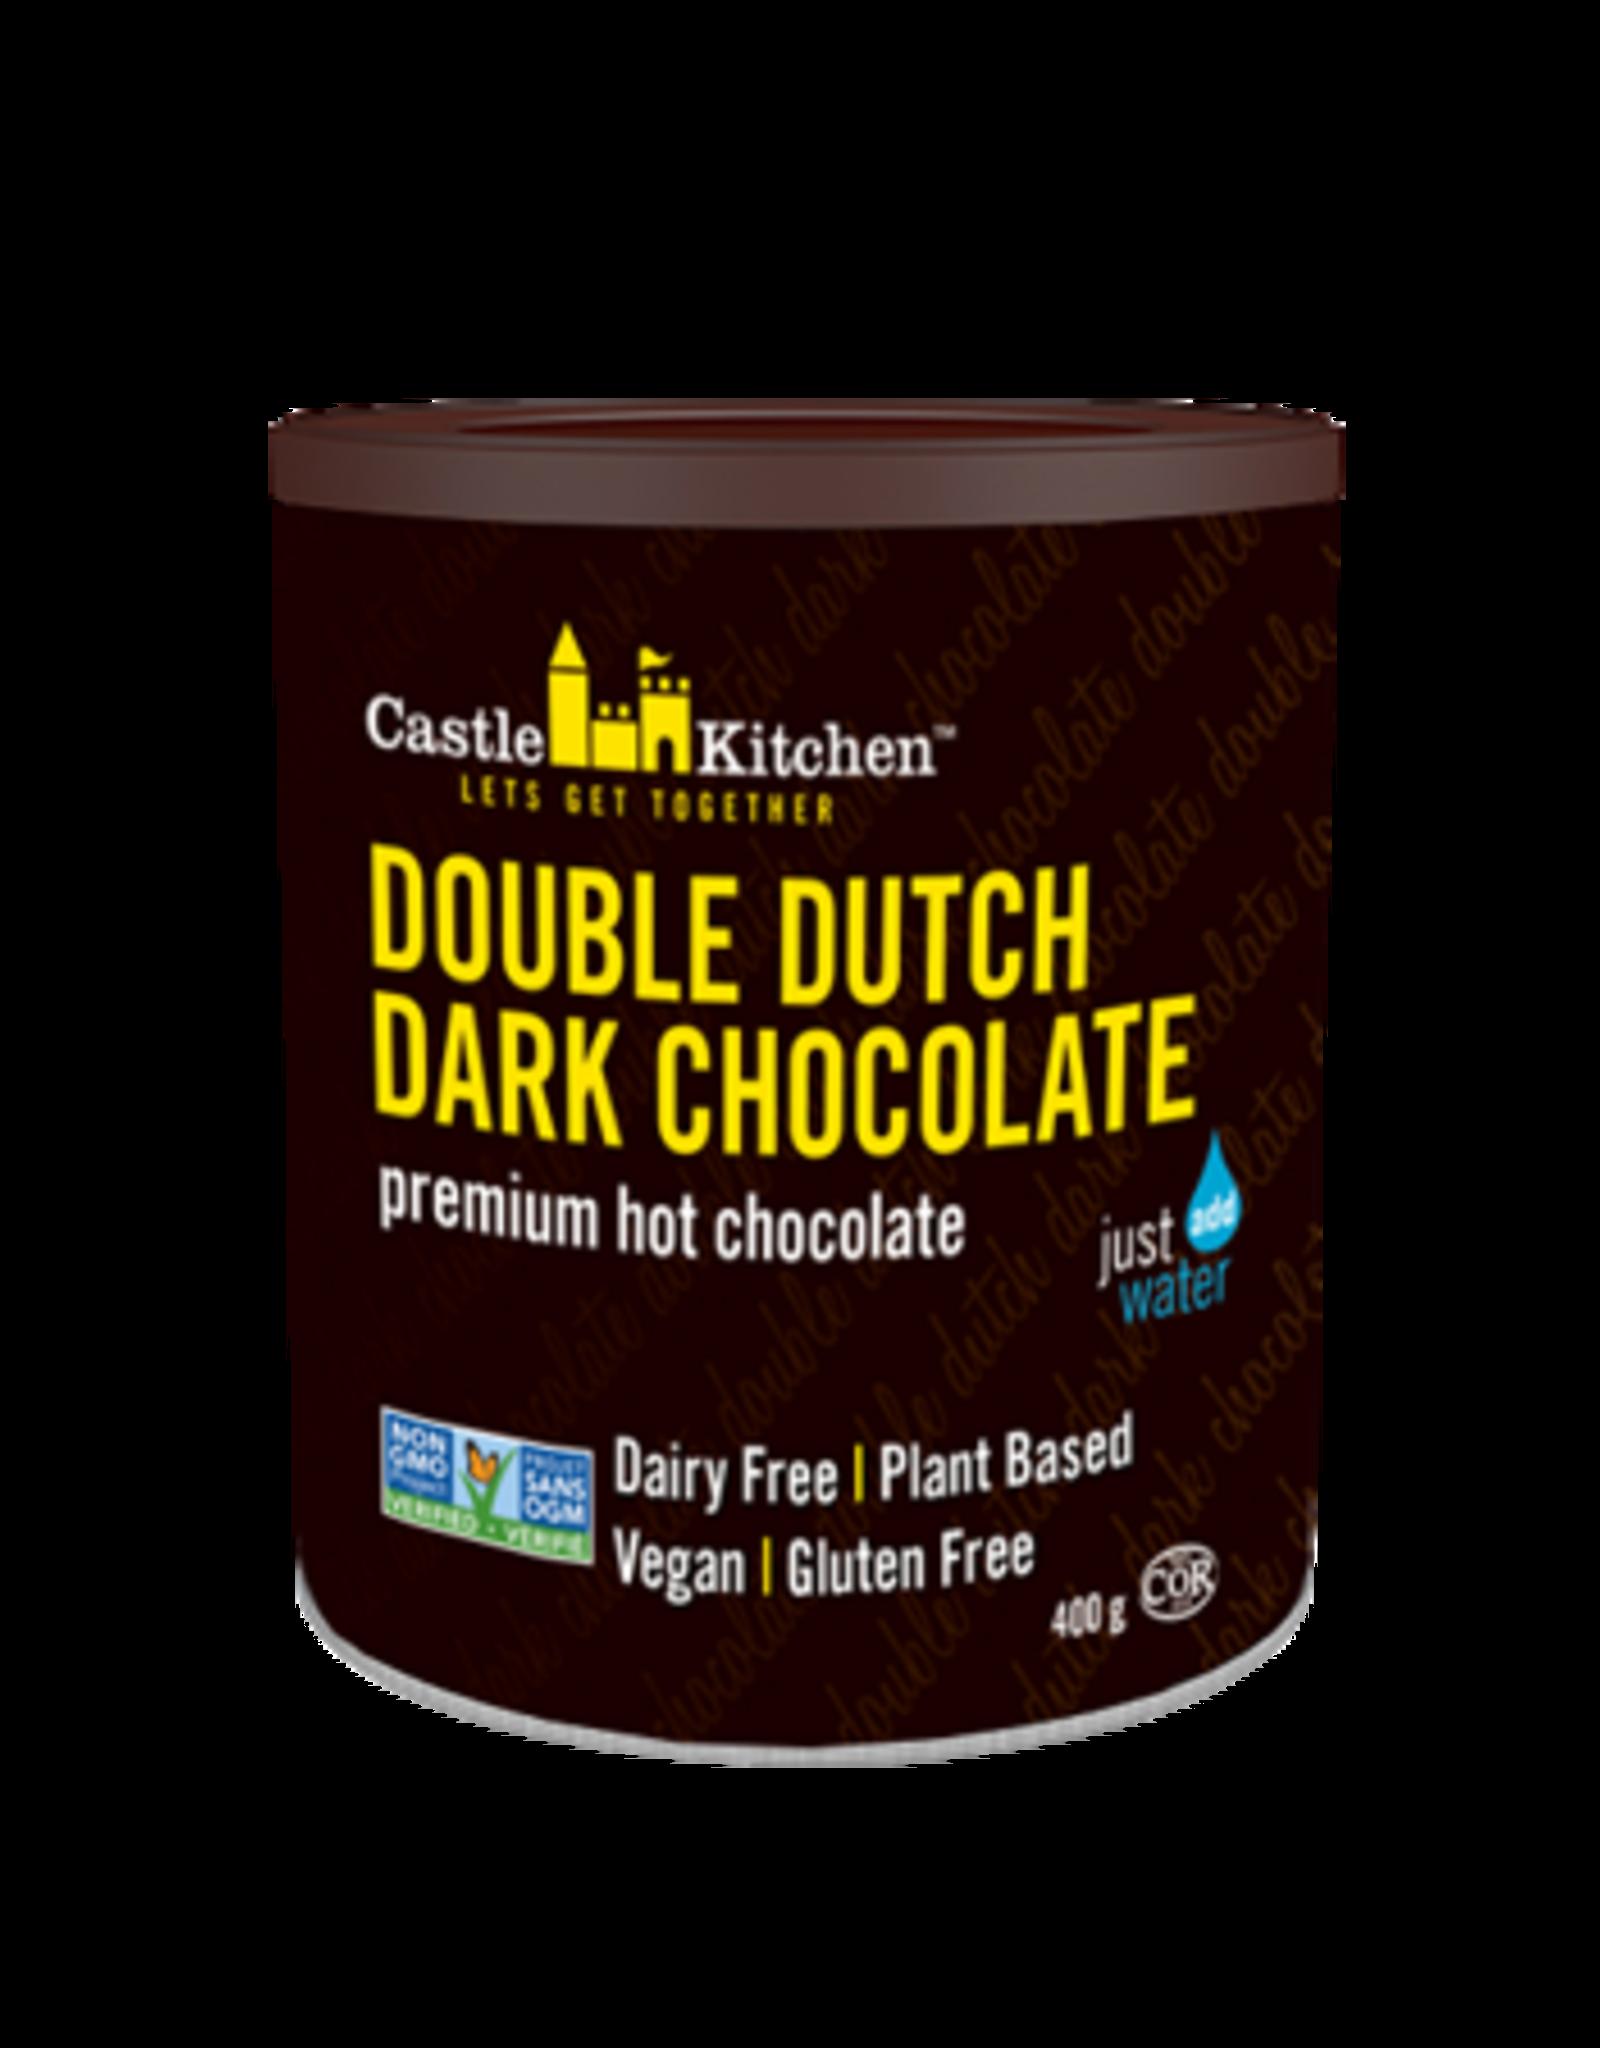 Castle Kitchen Castle Kitchen - Hot Chocolate, Double Dutch